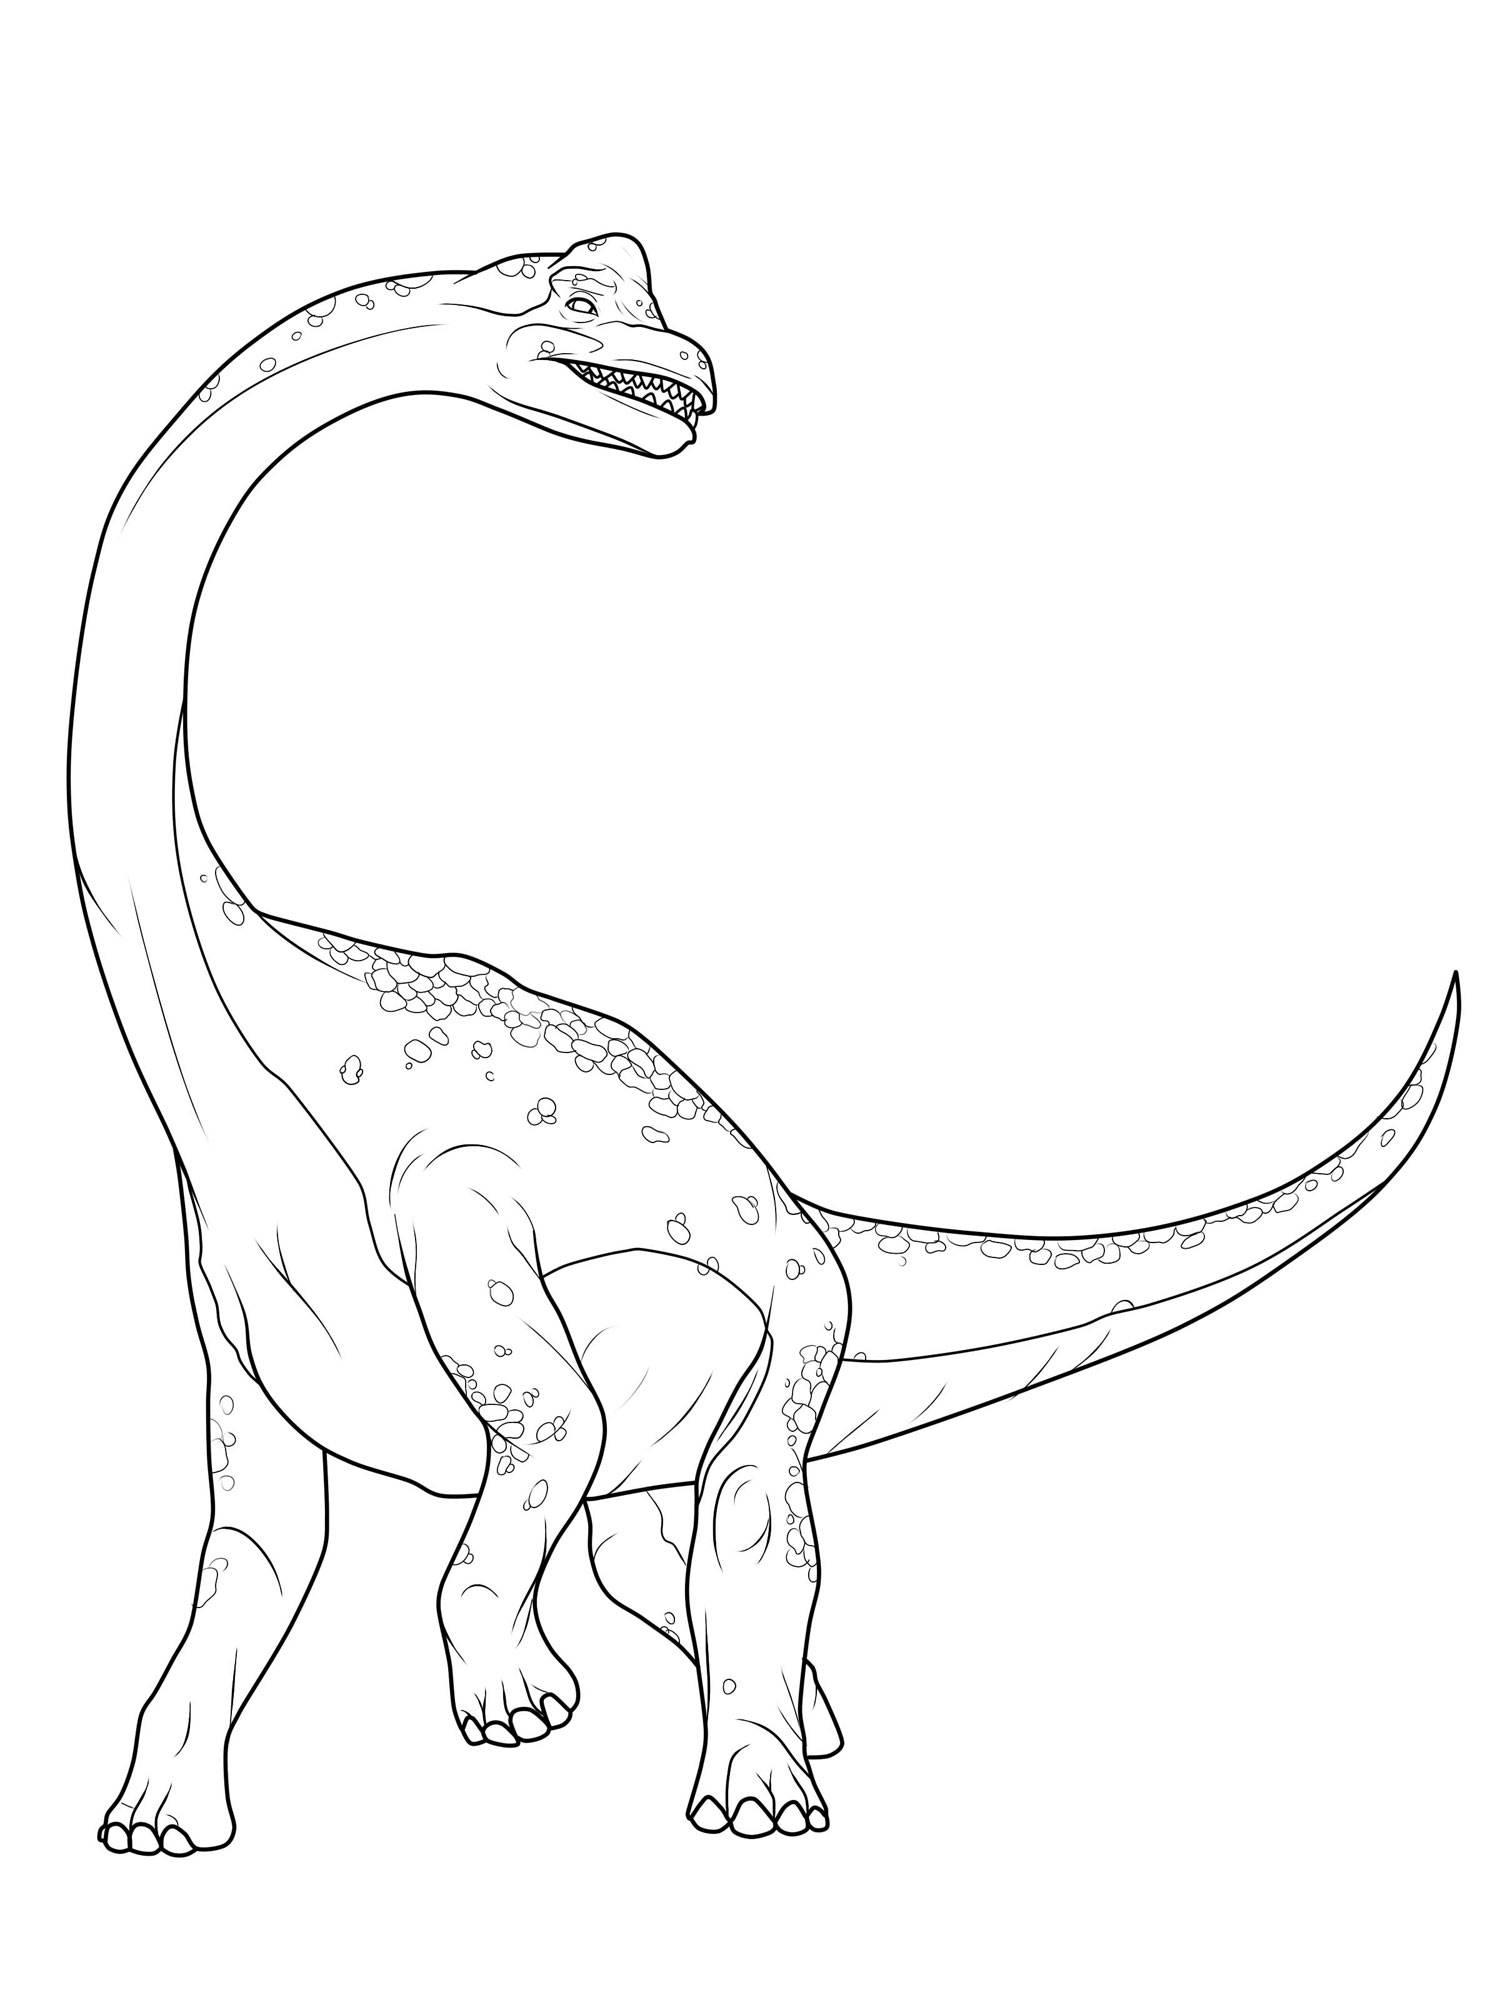 Kostenlose Ausmalbilder Dinosaurier : Ausmalbild Dinosaurier Und Steinzeit Dinosaurier Brachiosaurus